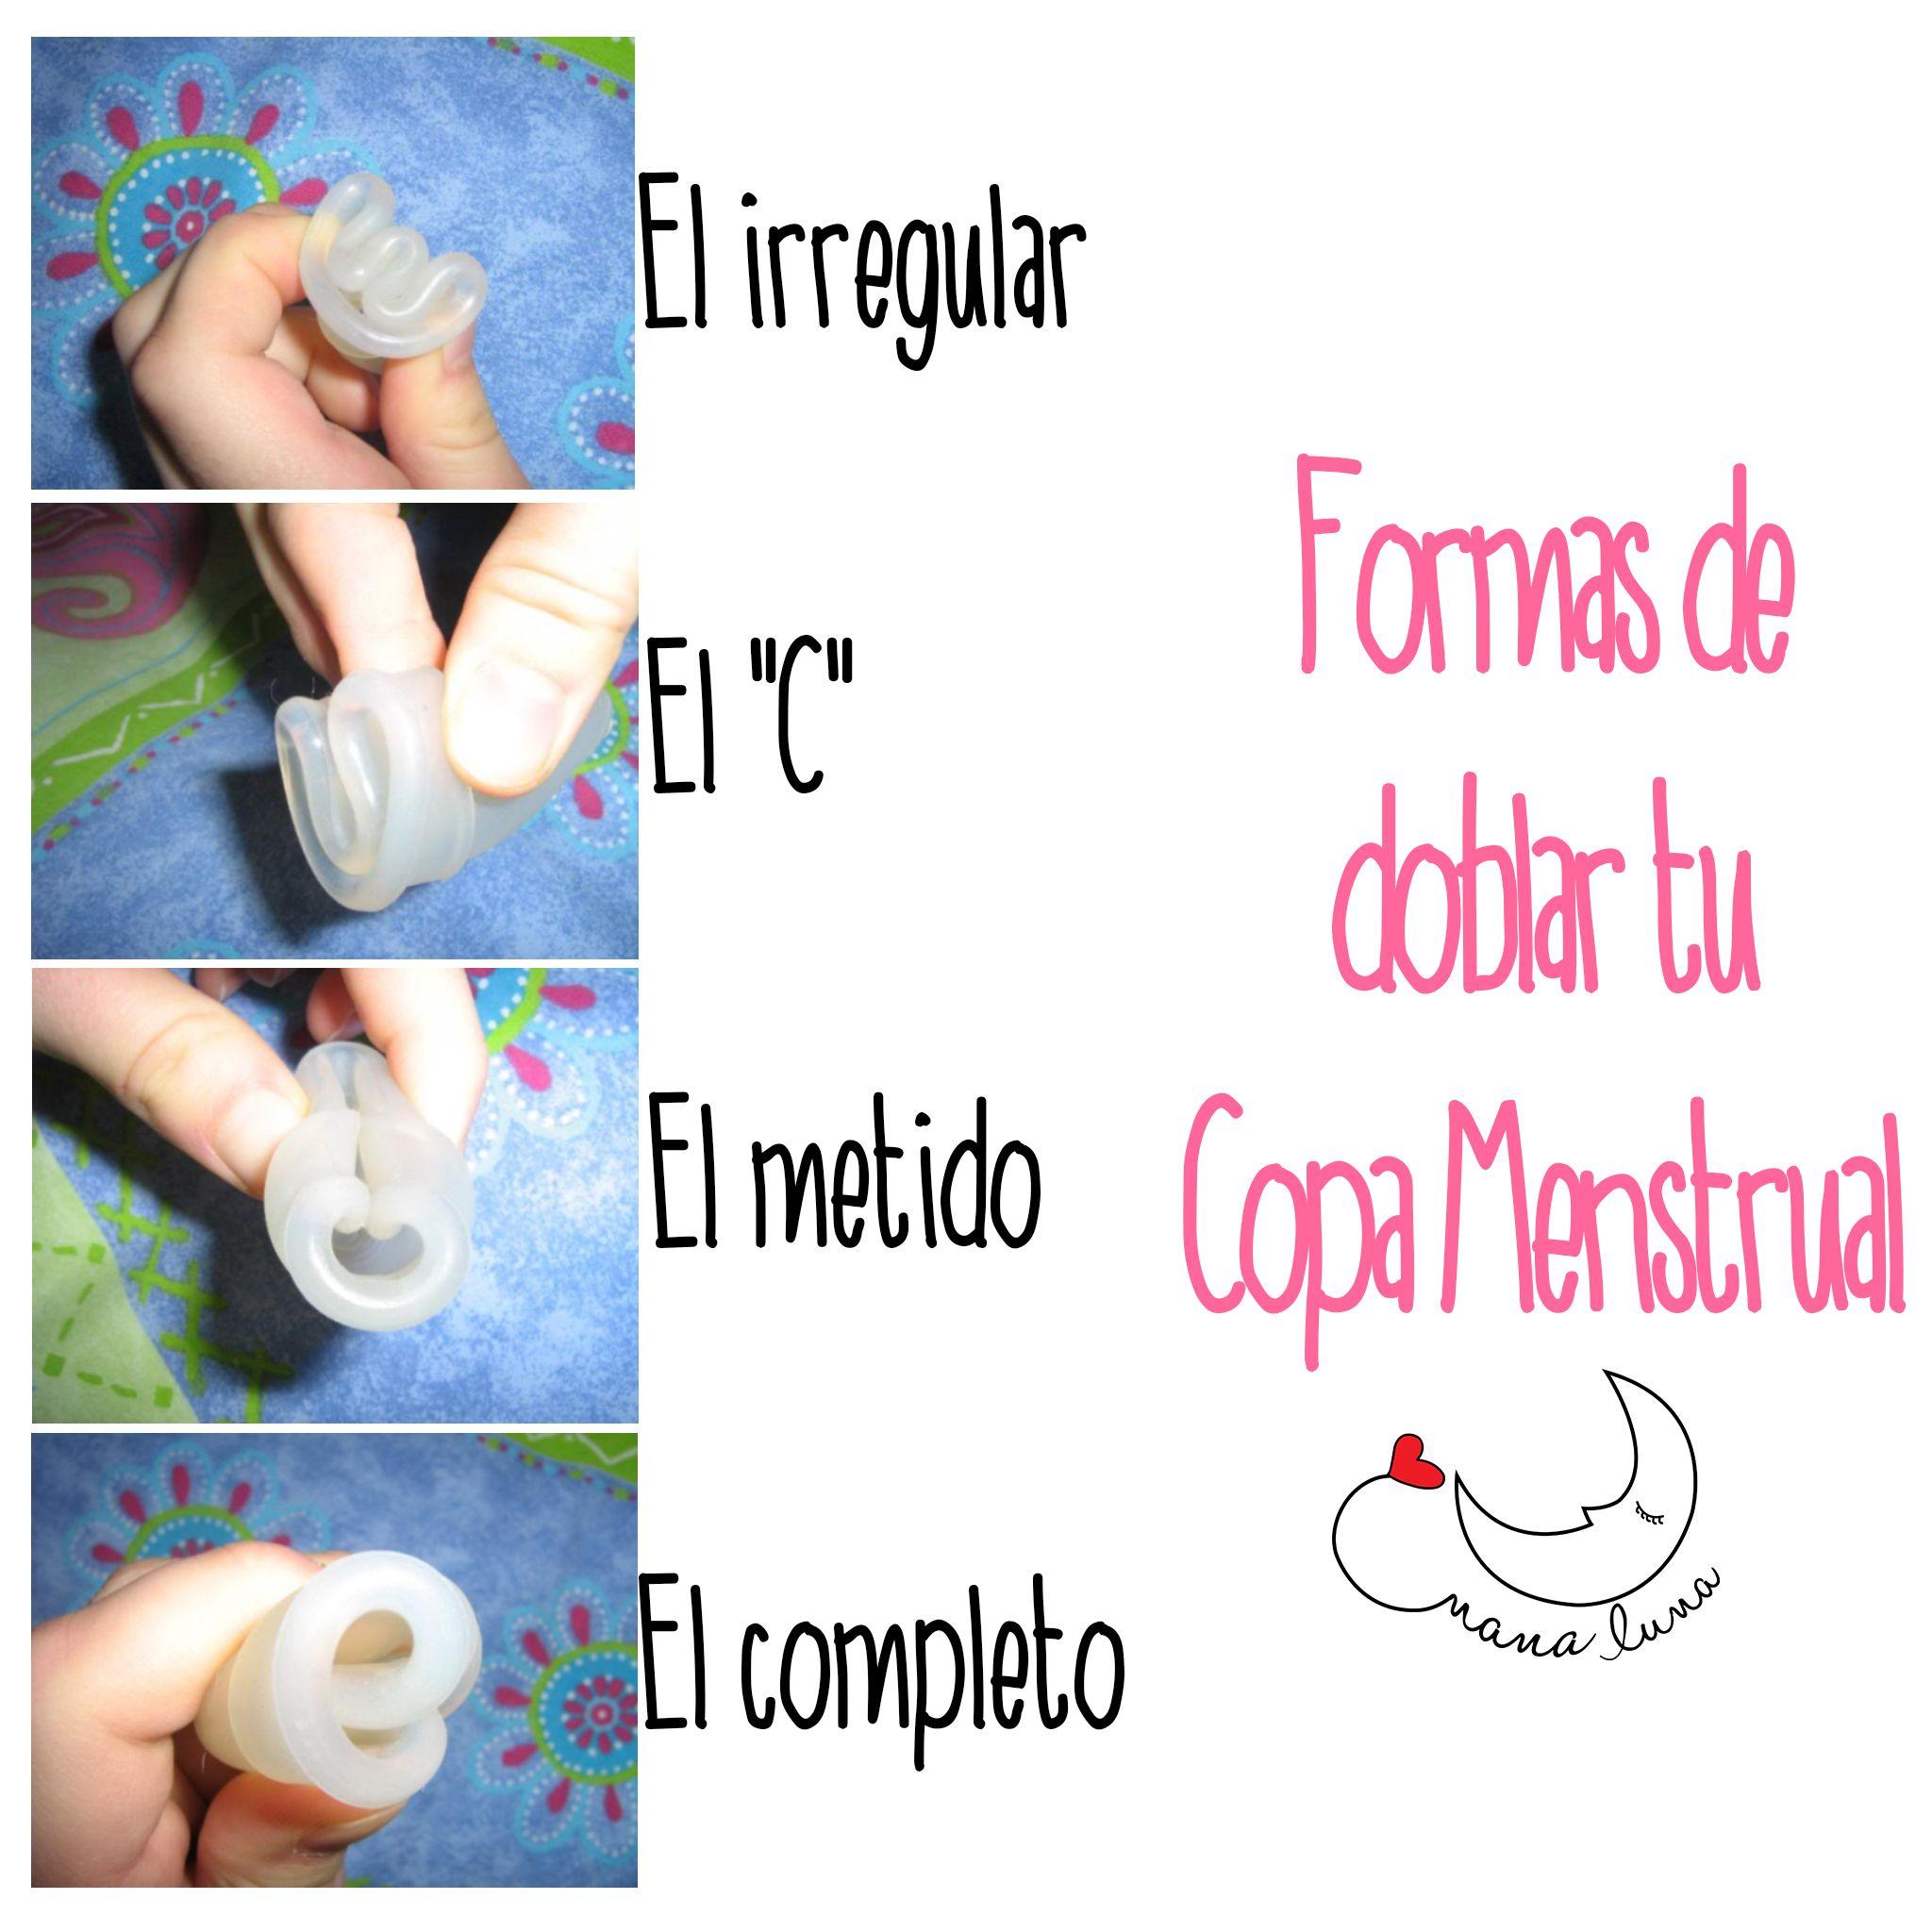 Formas De Doblar Tu Copa Menstrual Ways To Fold The Menstrual Cup Menstrual Cup Copas Menstruales Copa Menstrua Copa Menstrual Copas Menstruales Copa Menstual